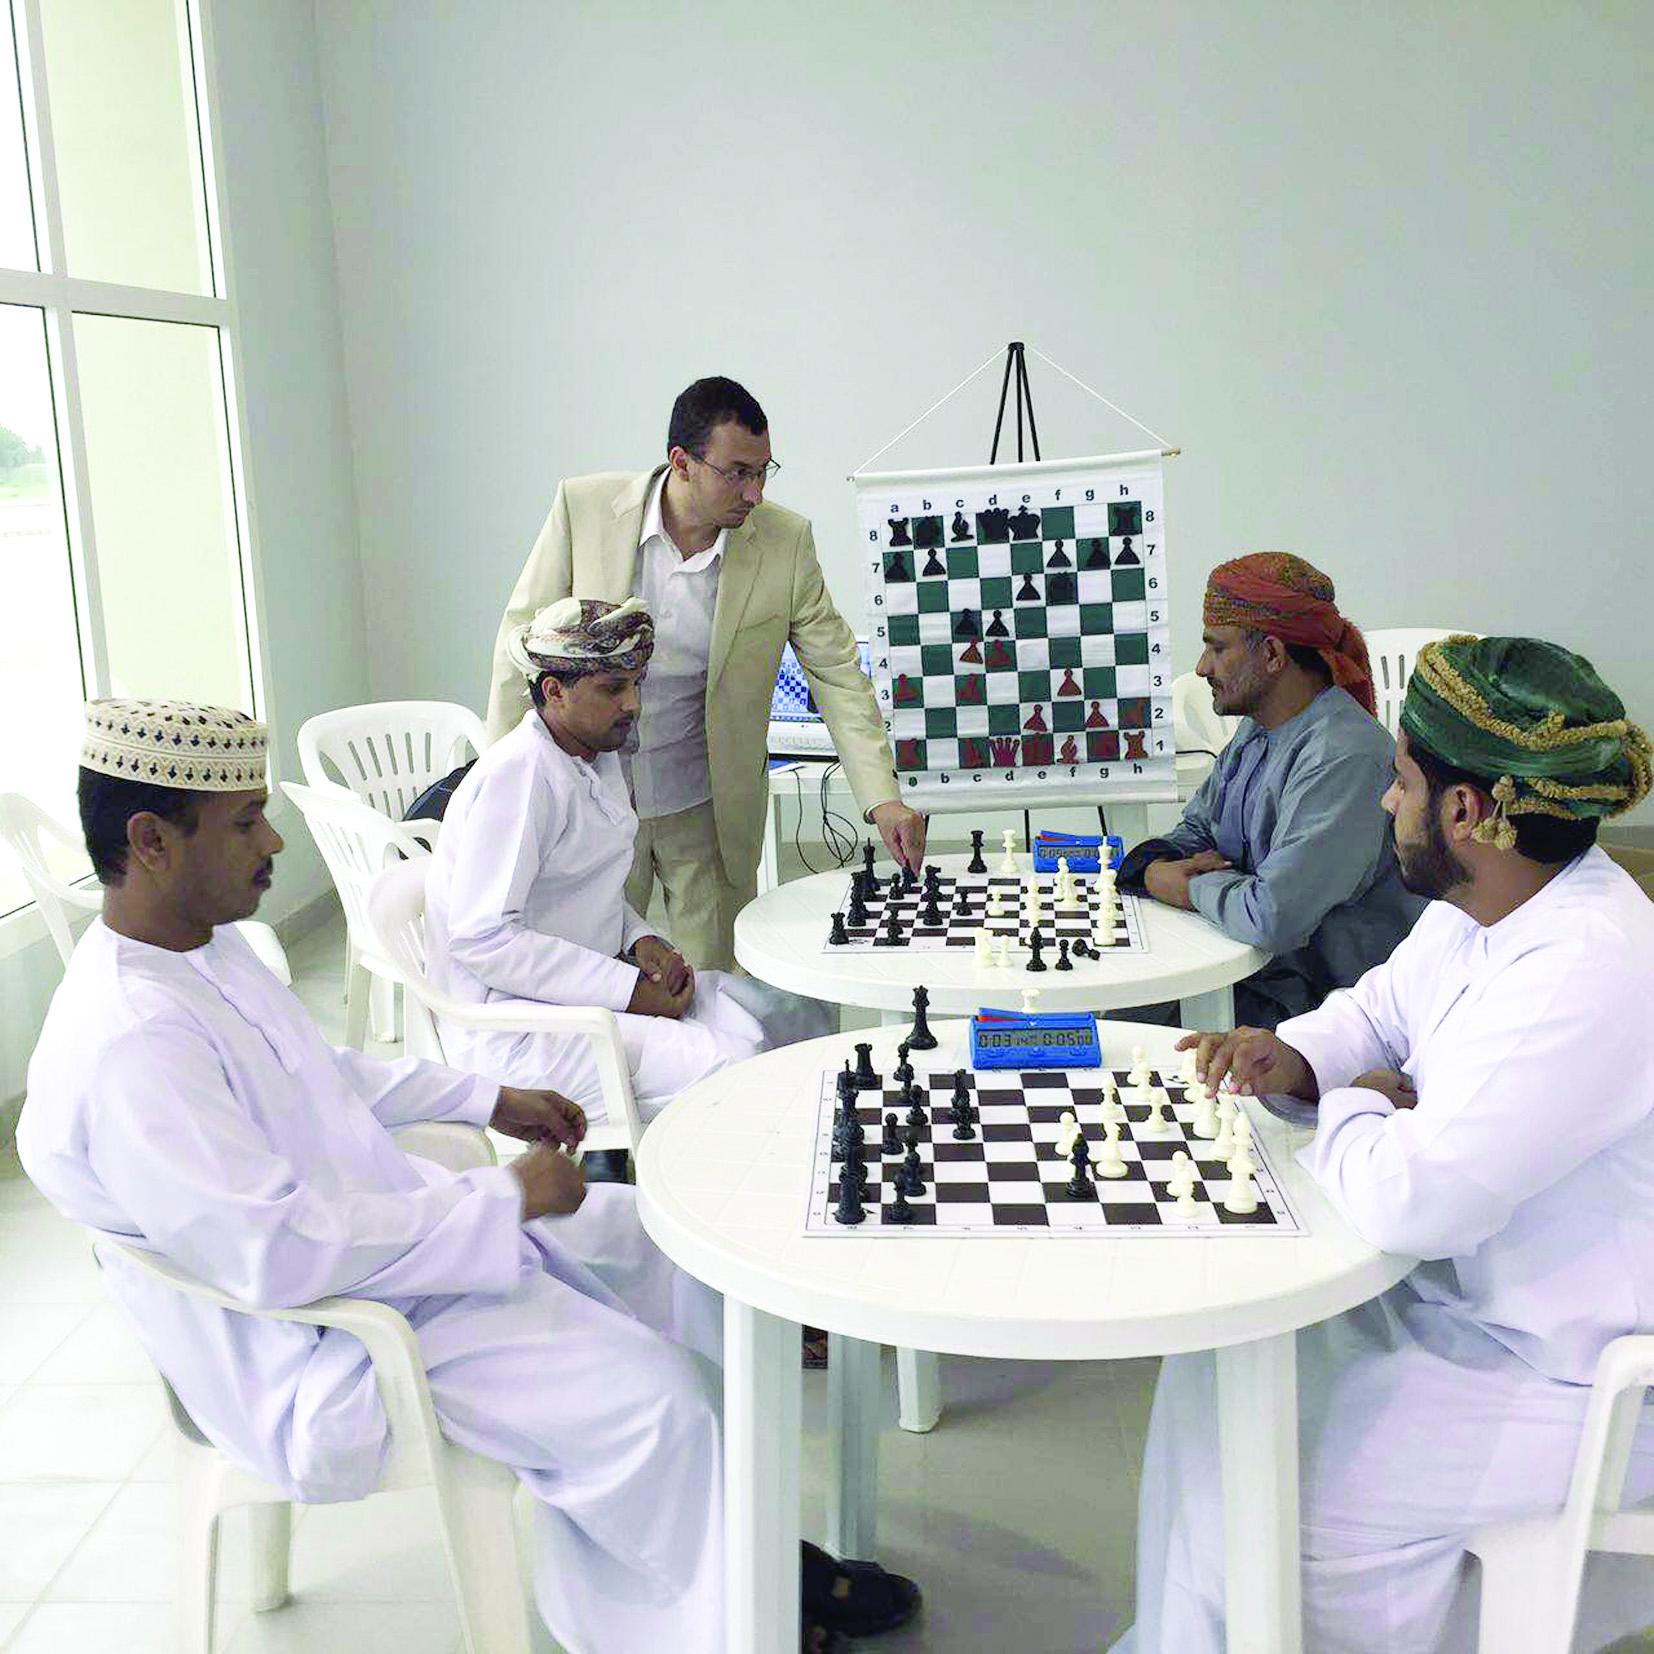 استعدادات مكثفة للمنتخب الوطني لأولمبياد باكو للشطرنج